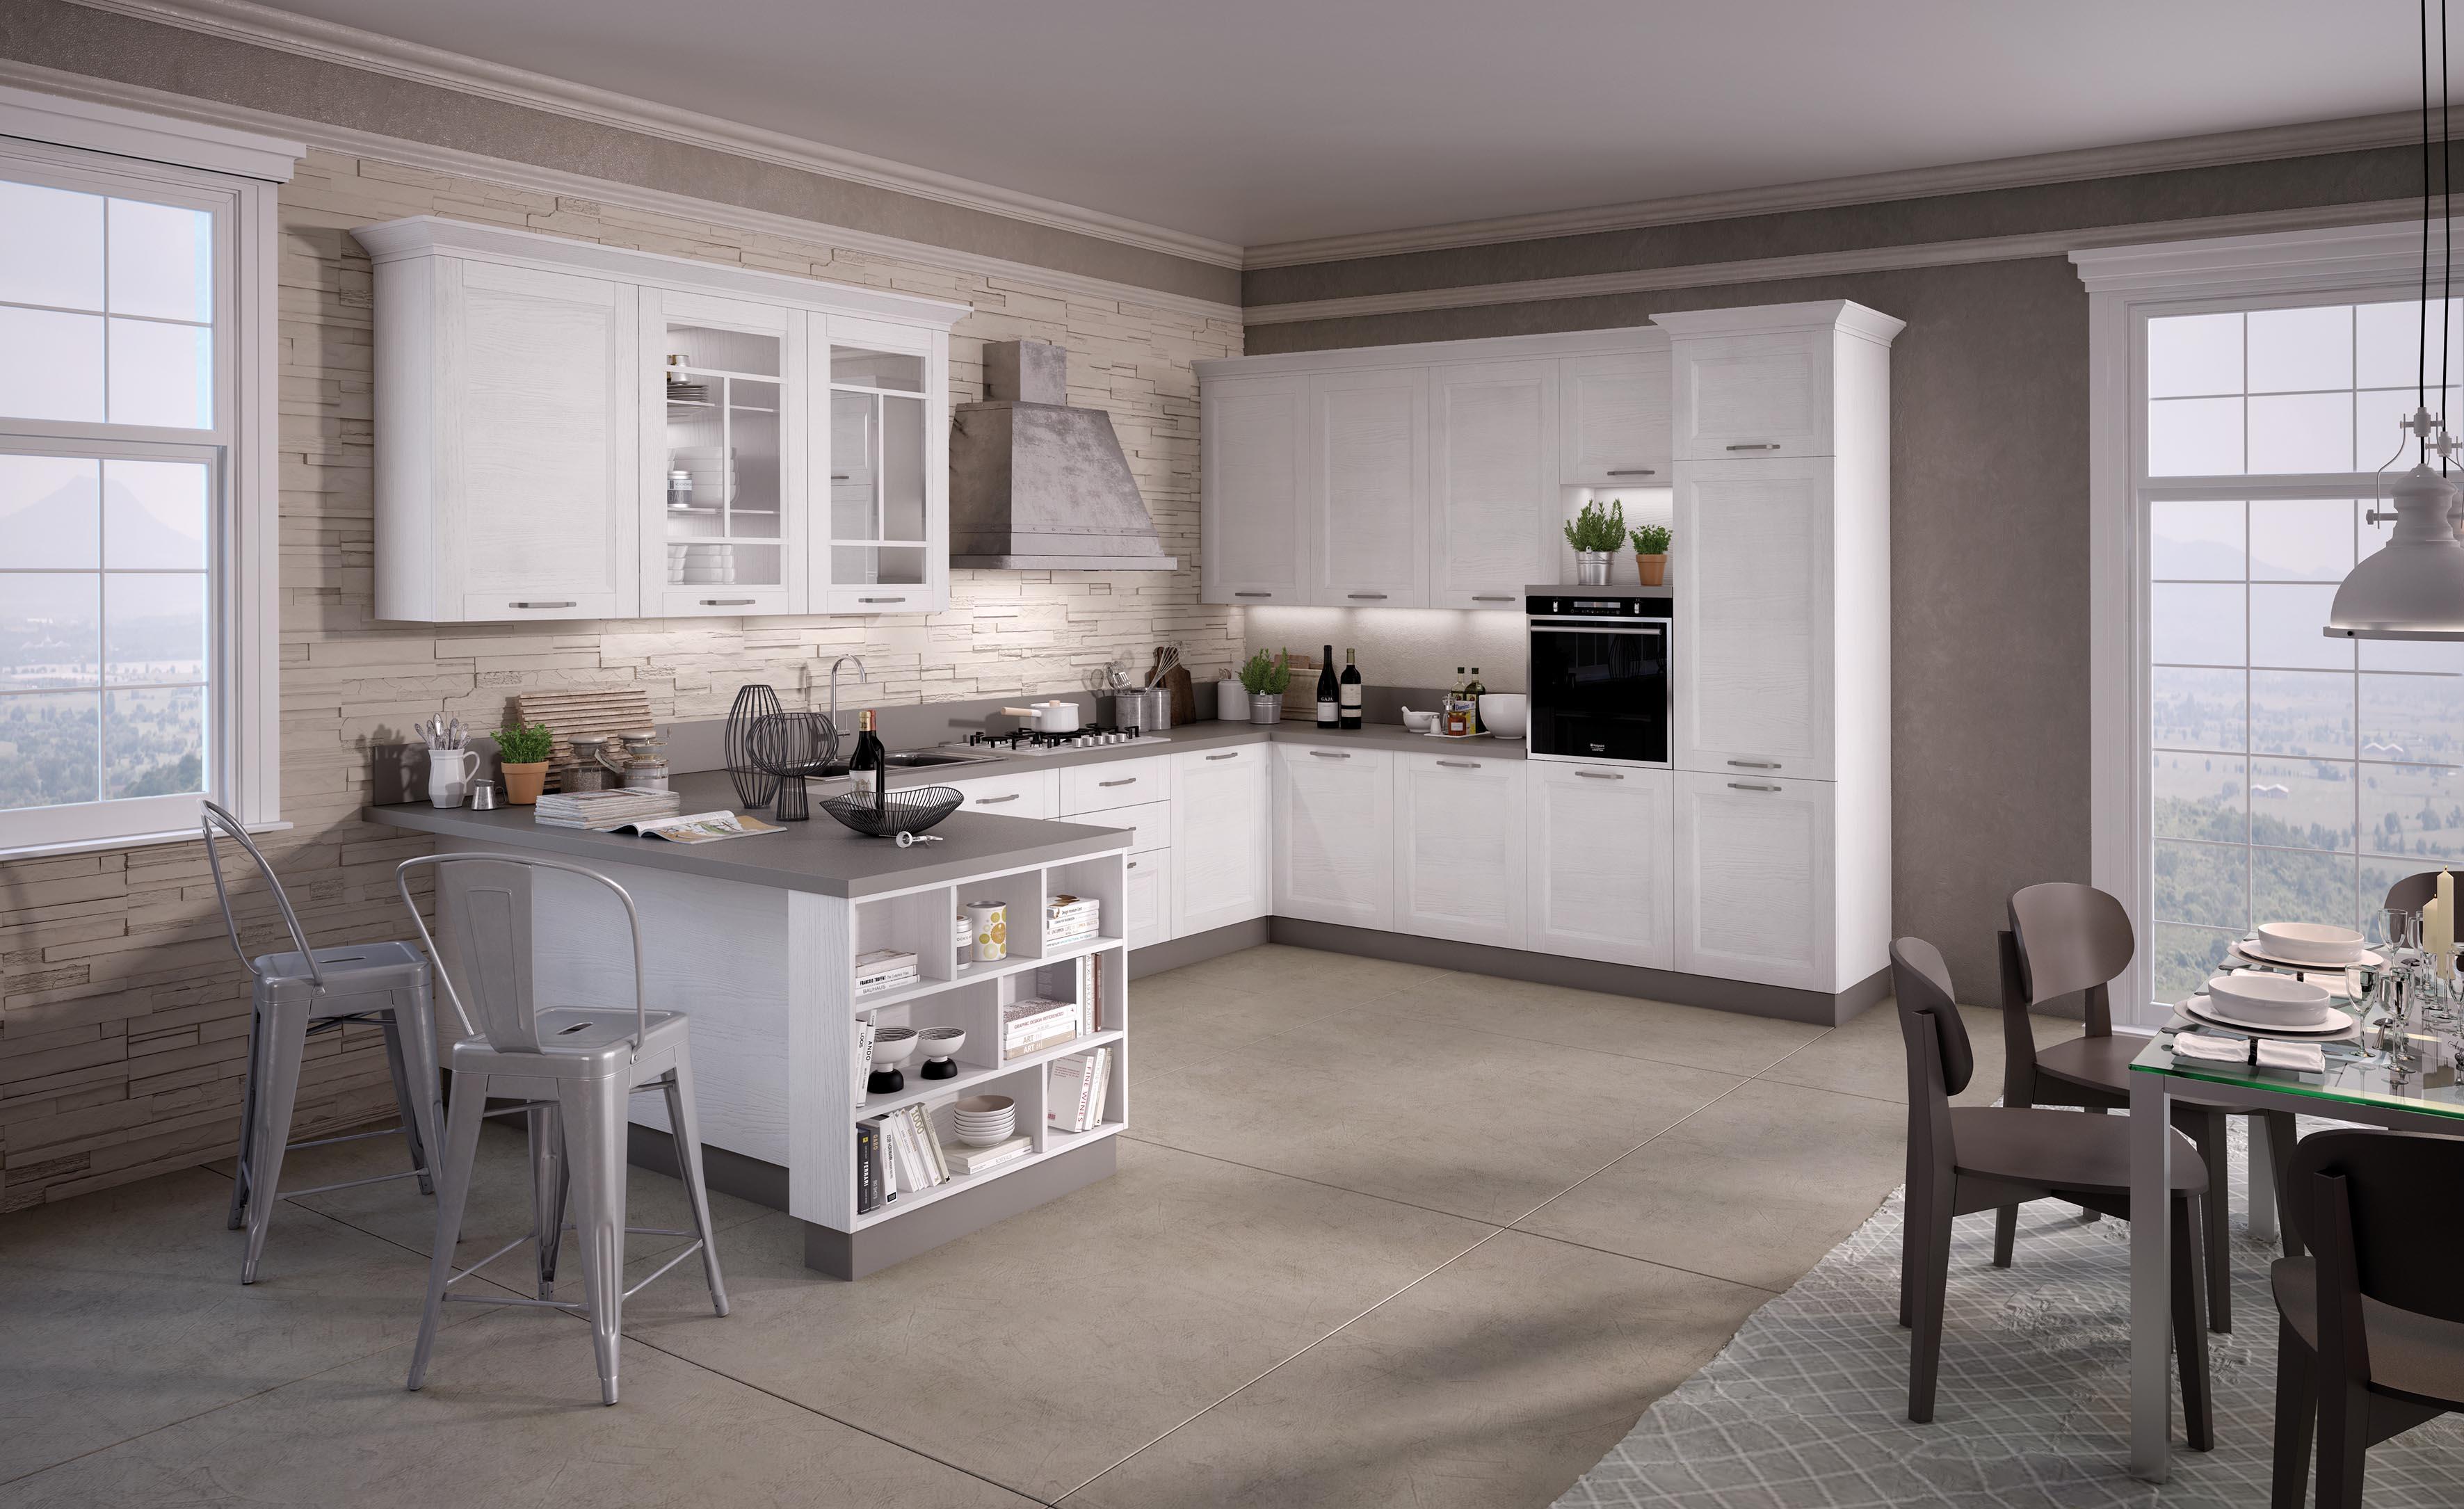 cucina ginevra landini cucine tutto mobili arredamento camere cucine ufficio roma